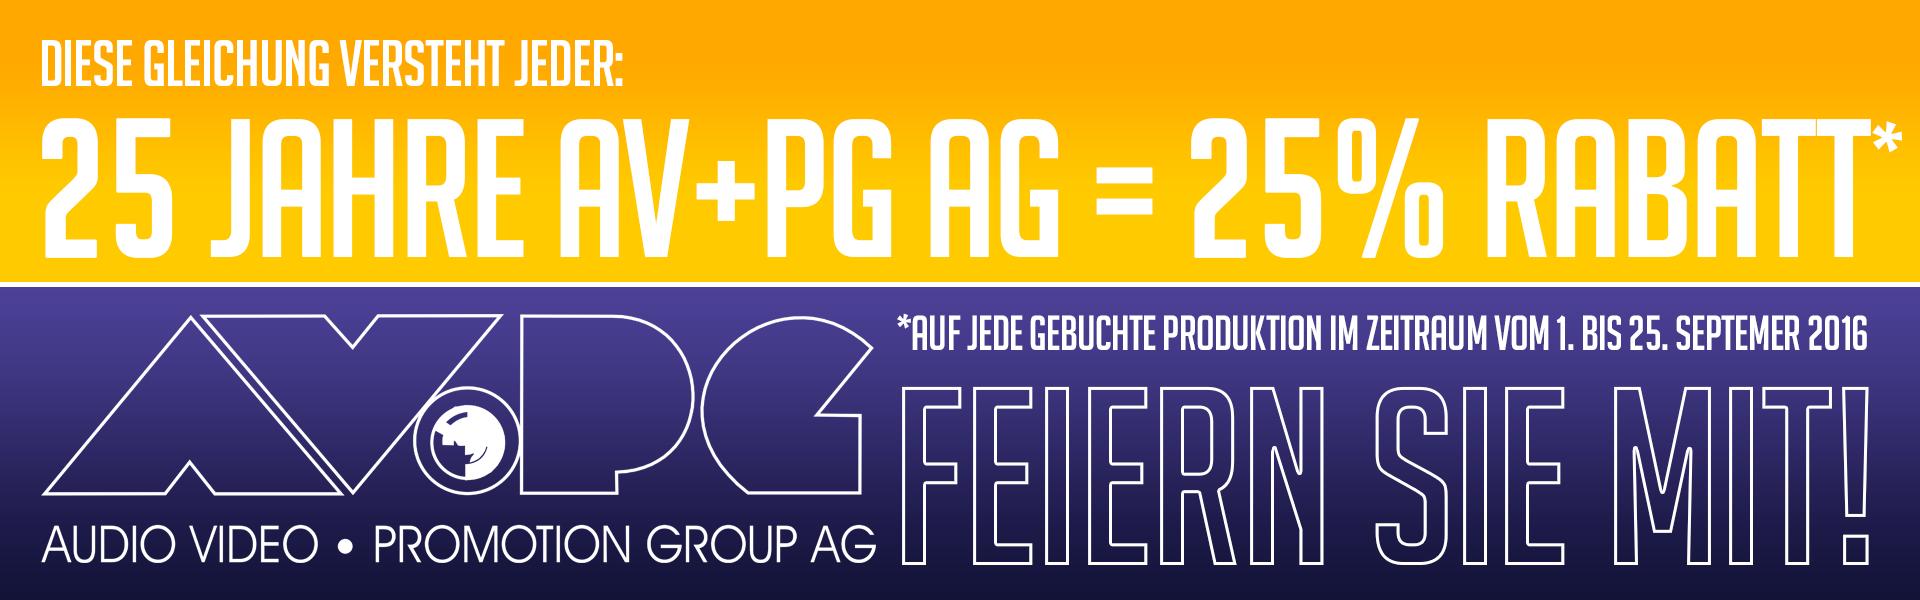 25 Jahre AV+PG AG - Feiern Sie mit uns und profitieren Sie von 25% Rabatt!